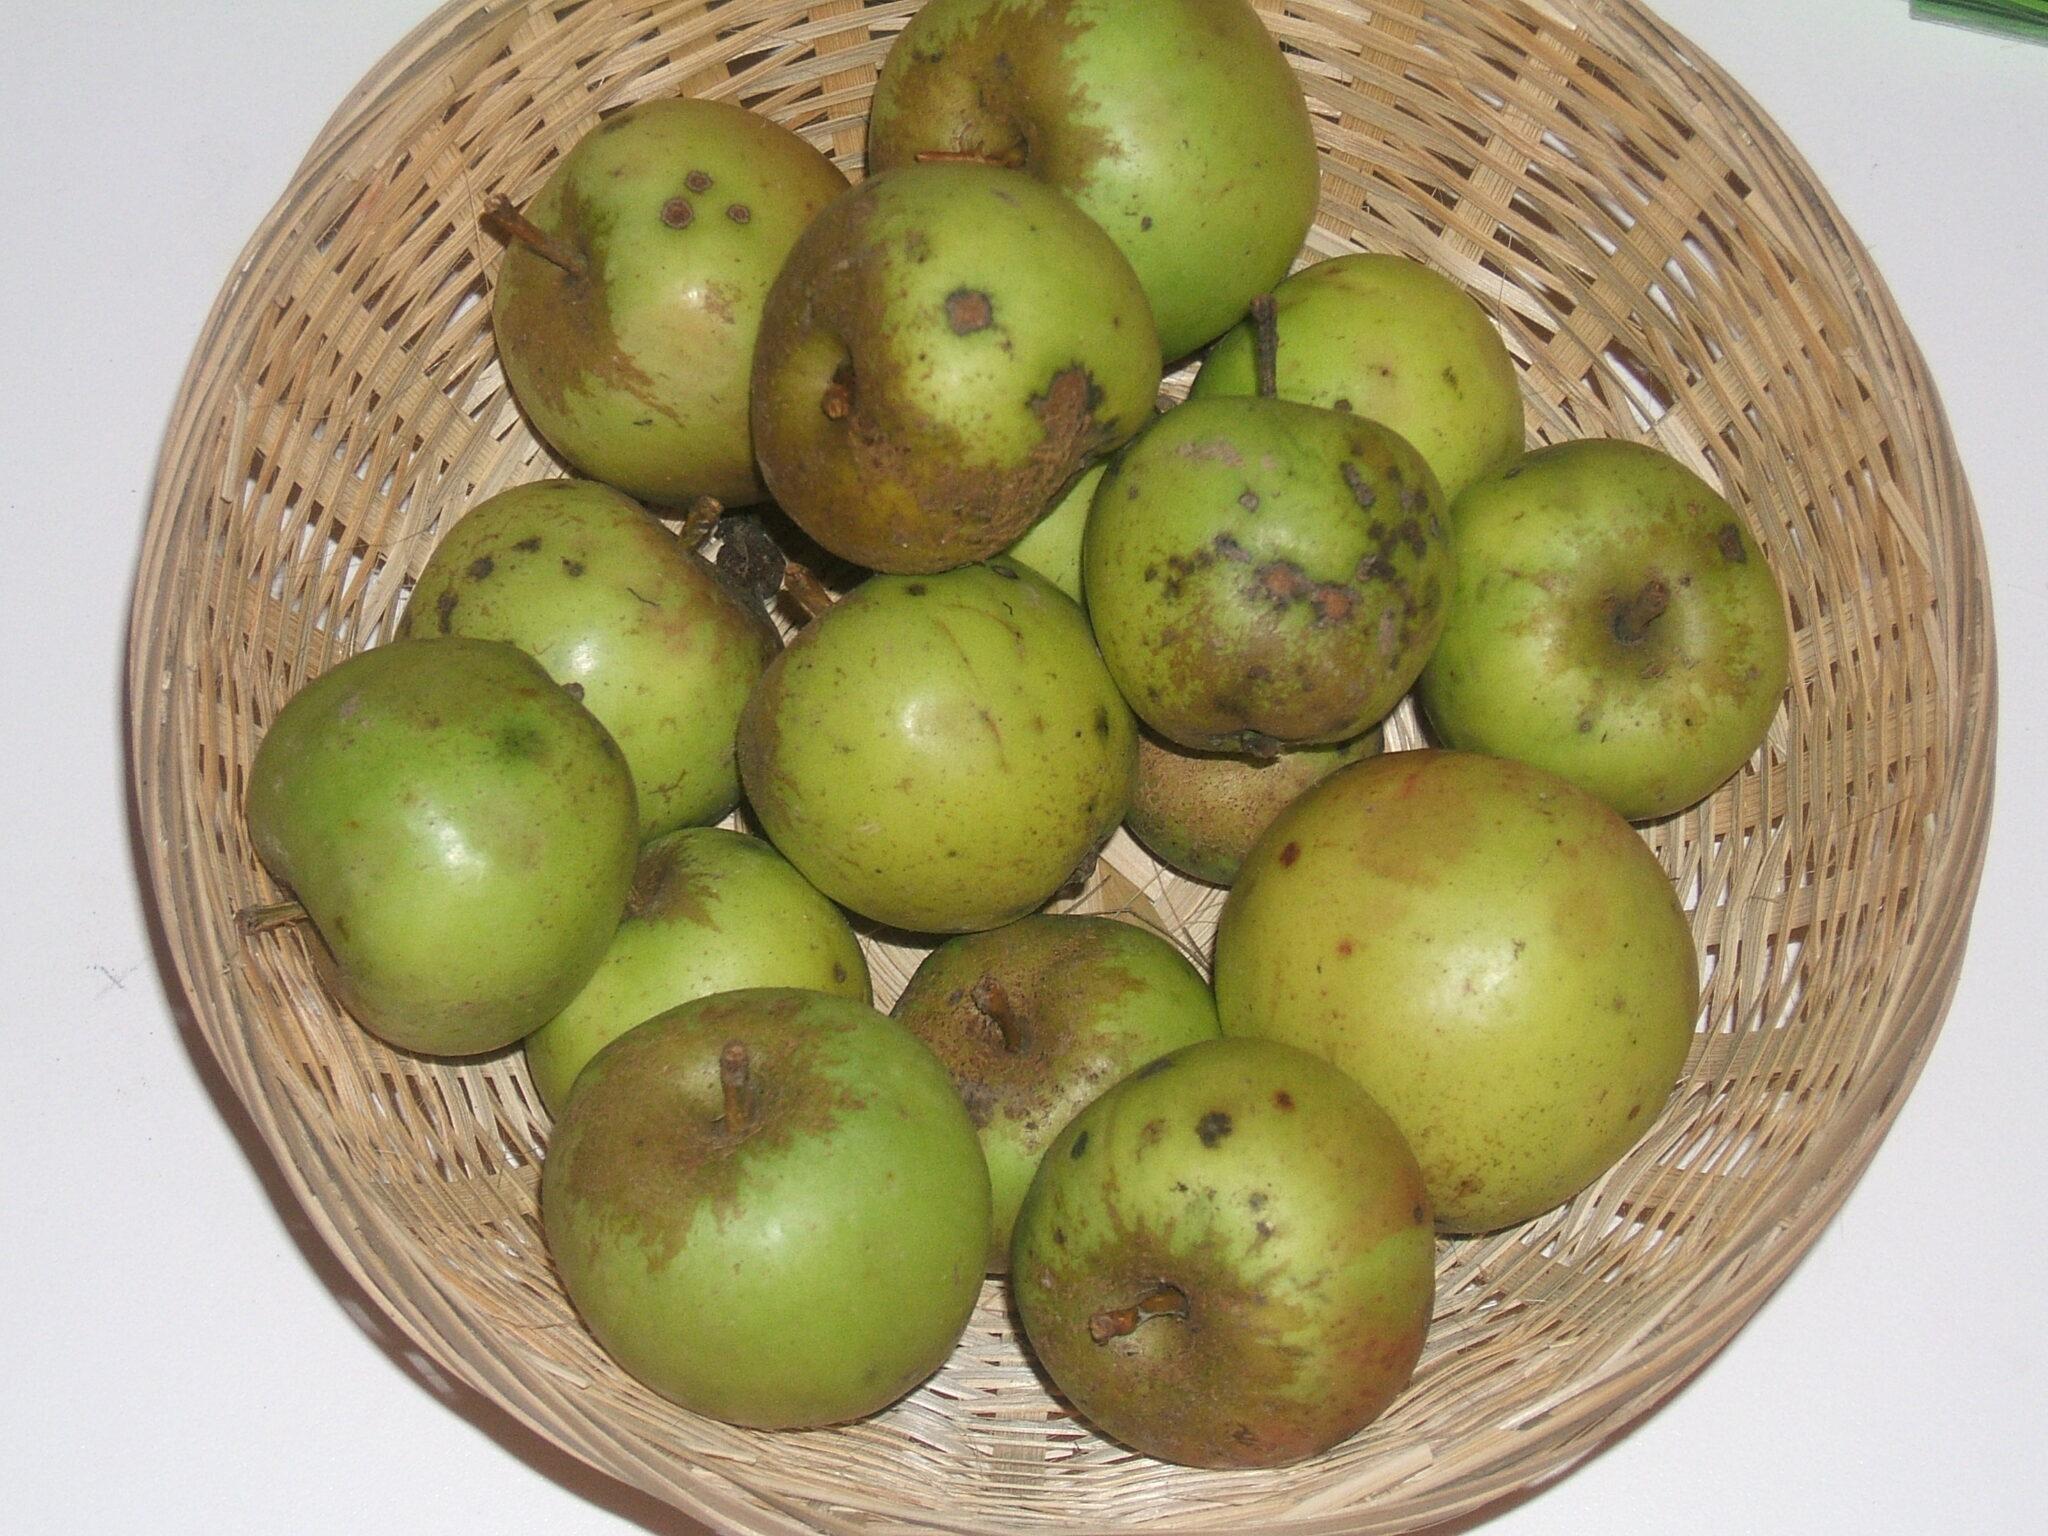 Bouteille commune 2 (fruit).